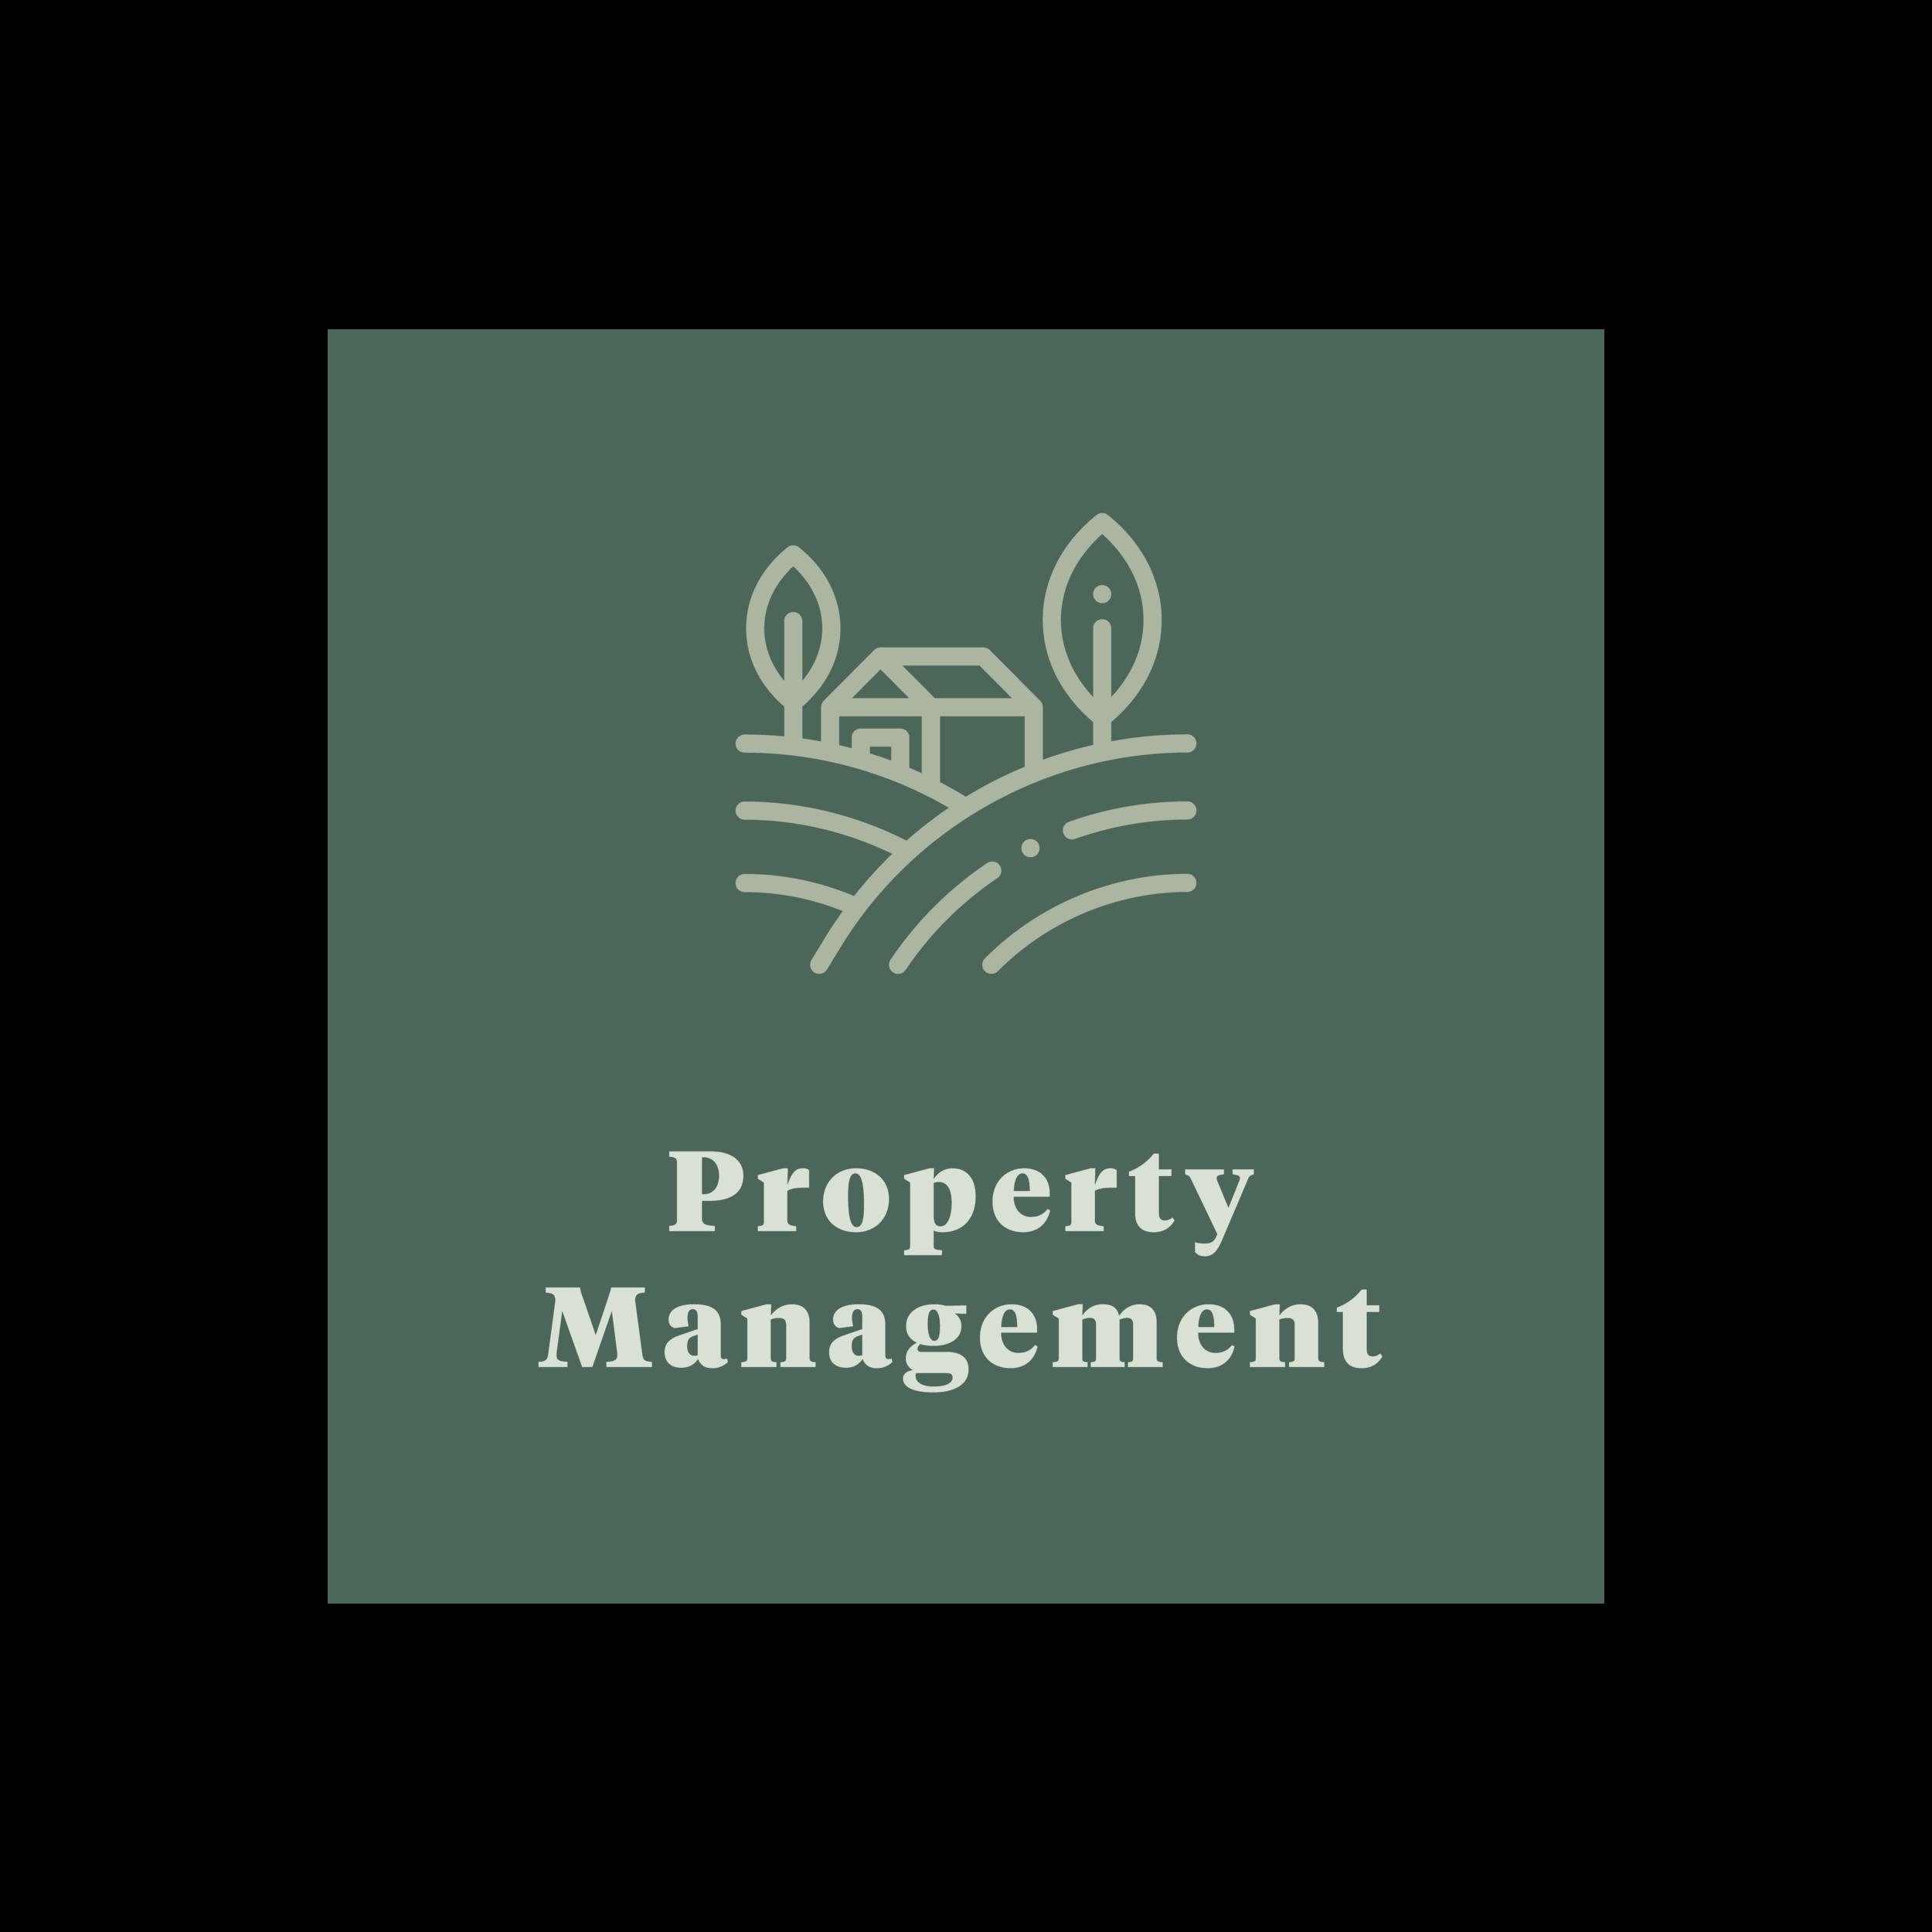 Park City Concierge Services - Property Management